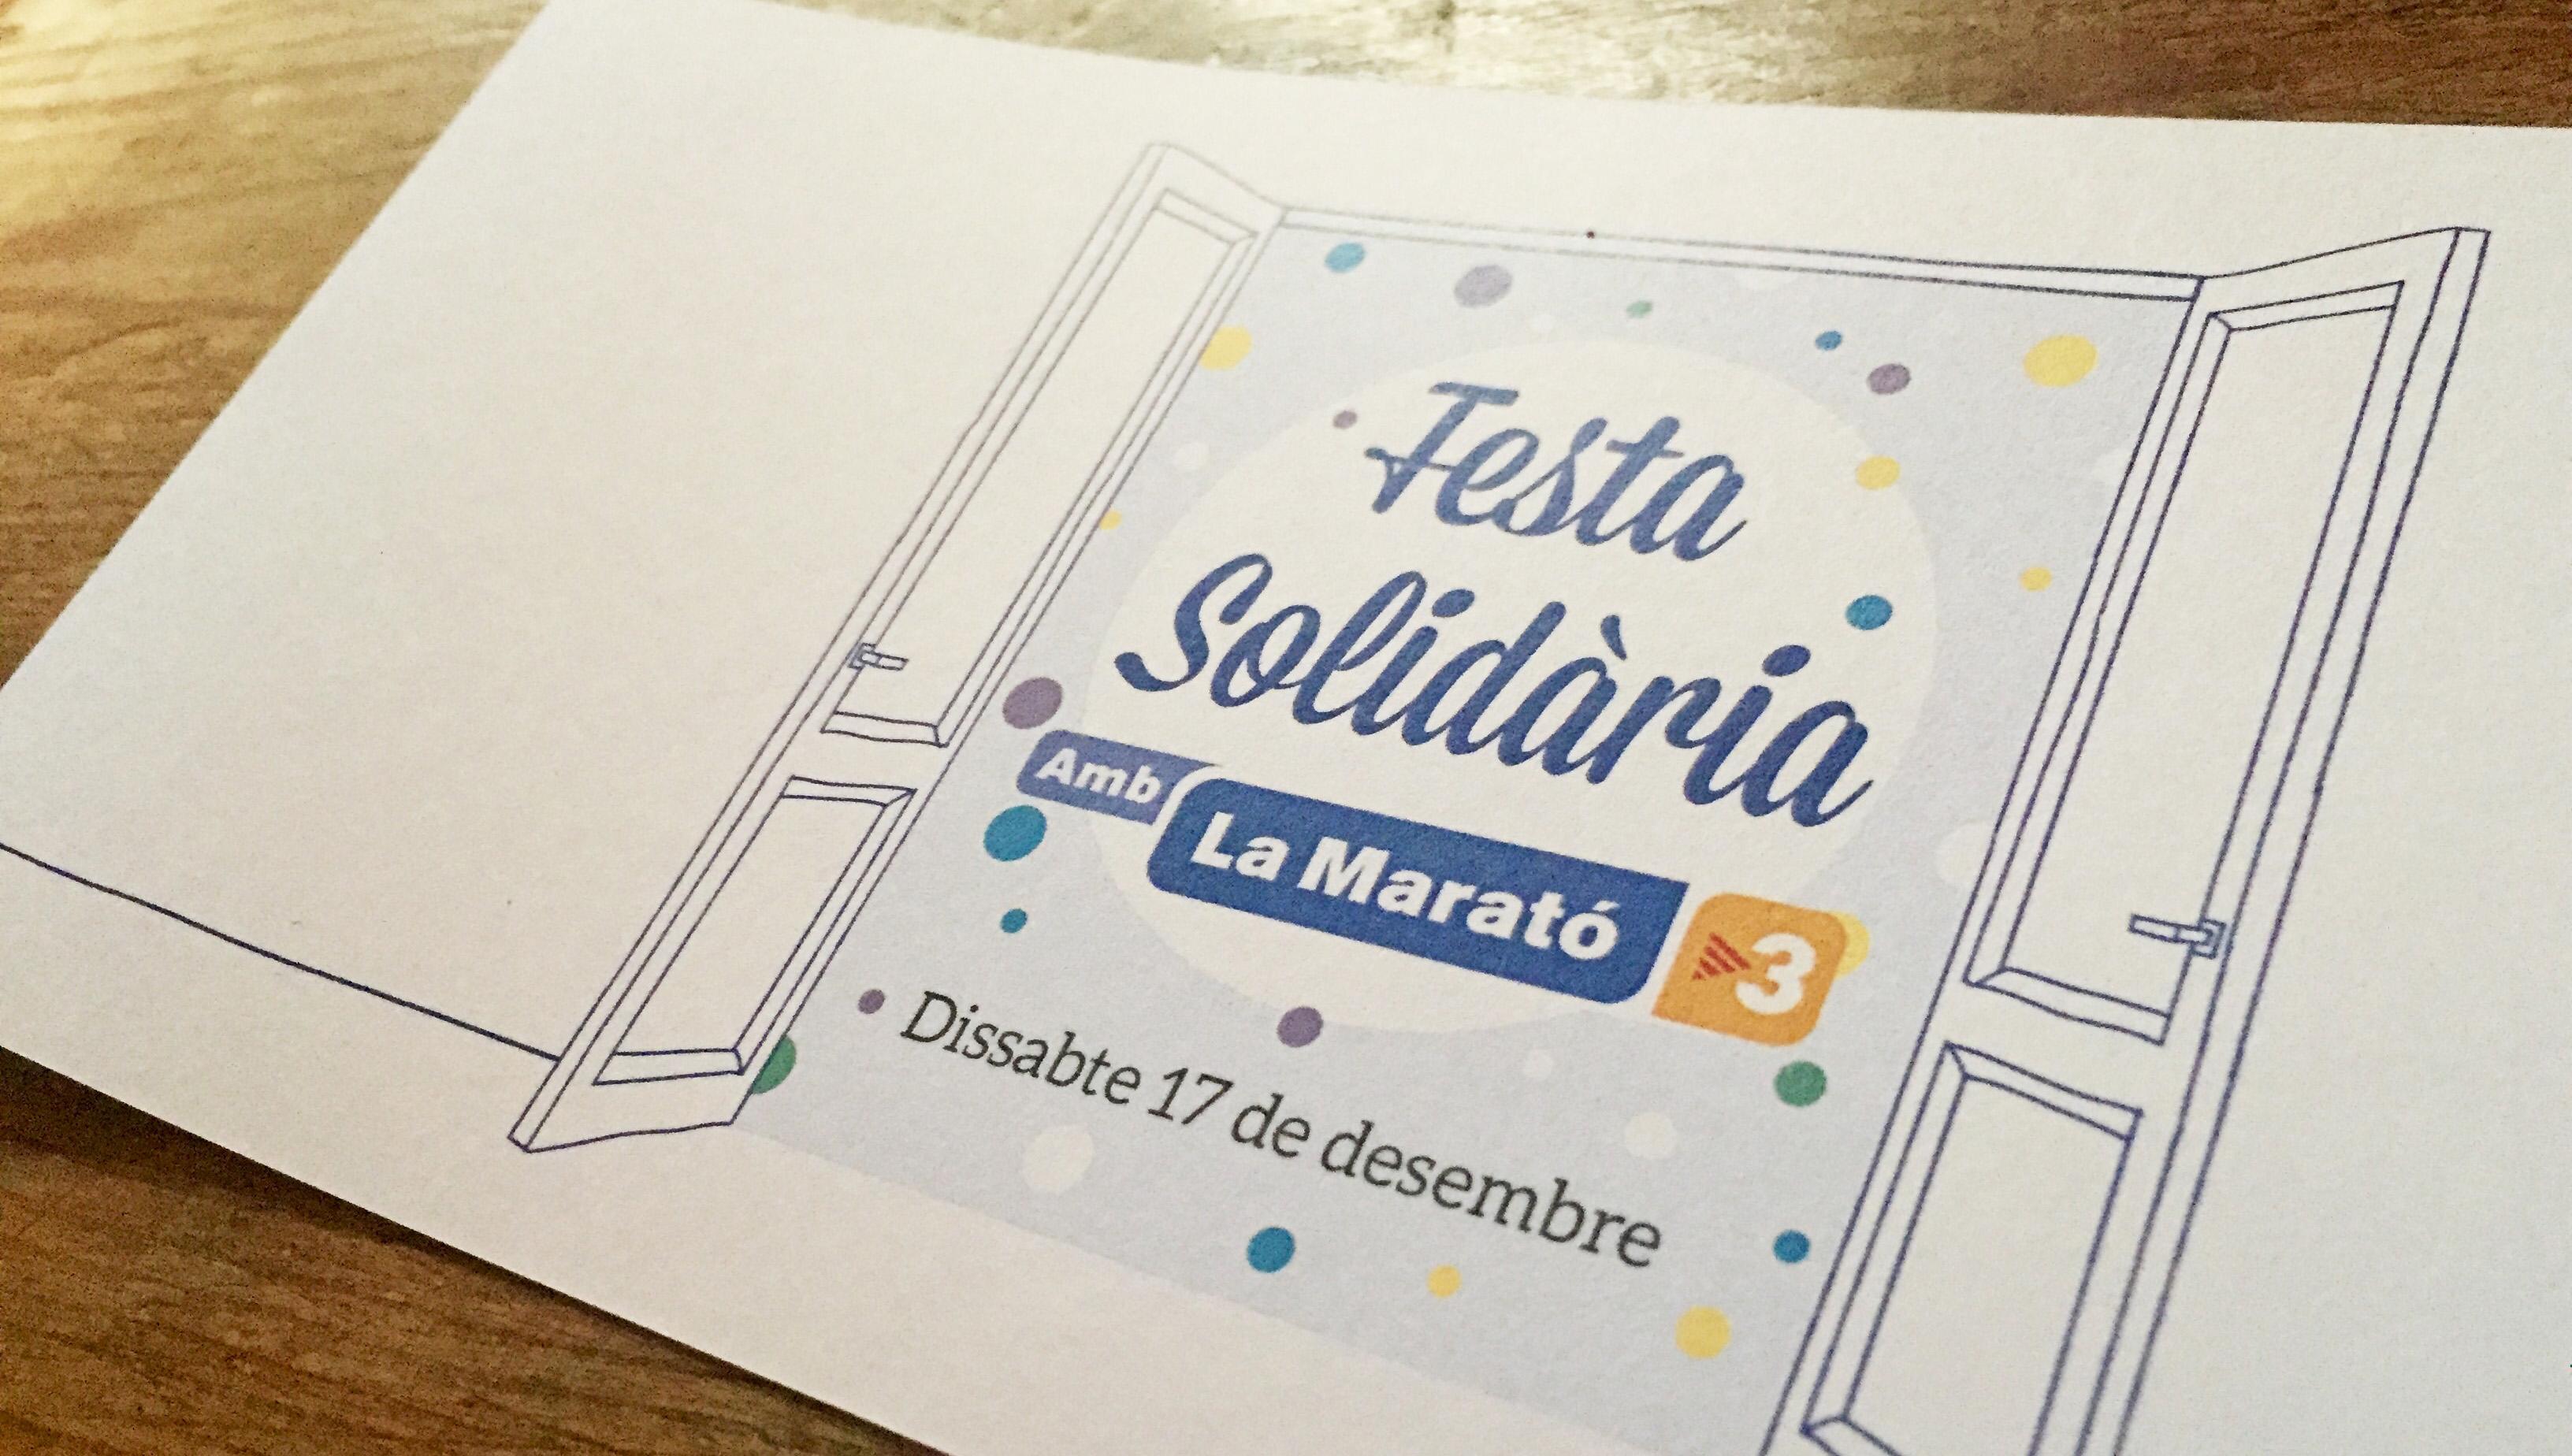 Programa de la fiesta solidaria con la Marató de TV3